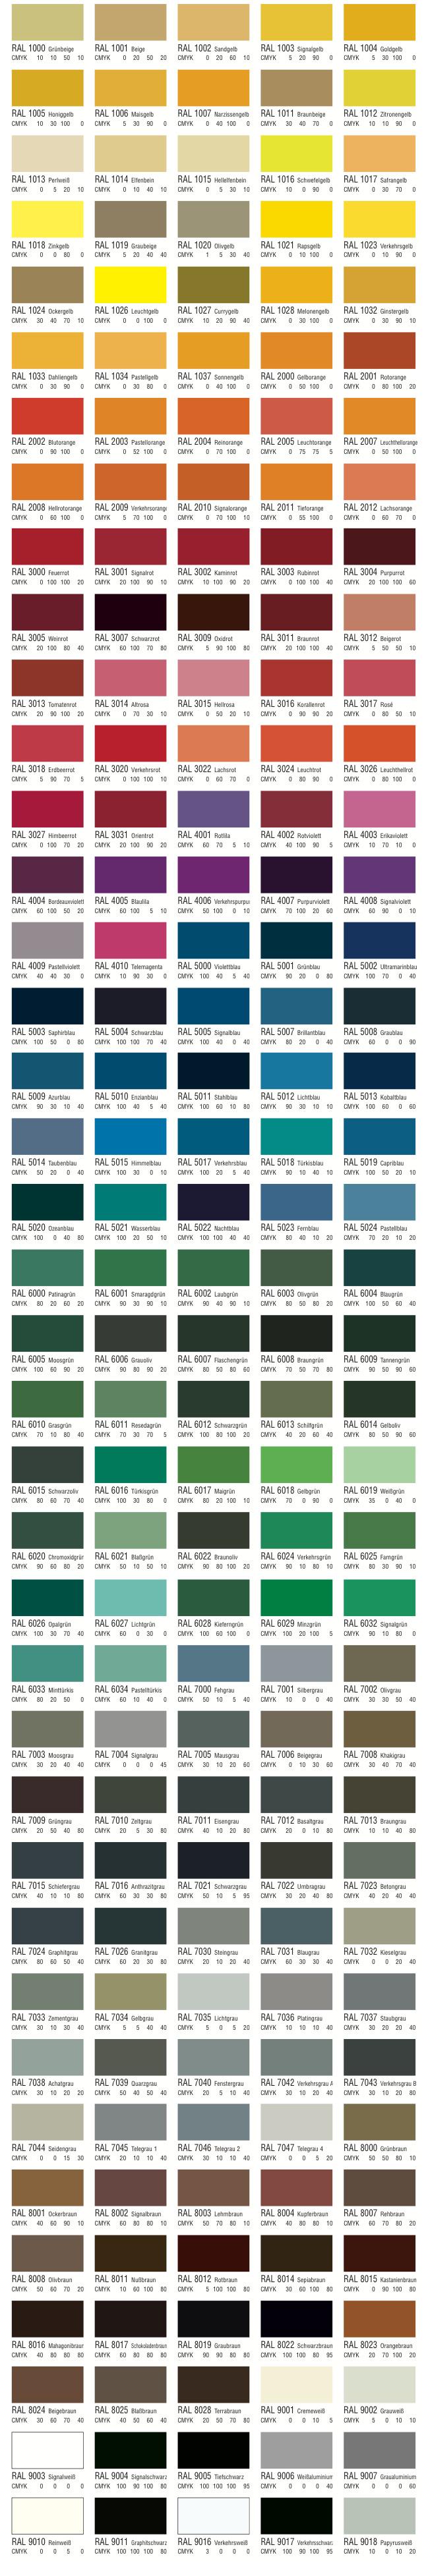 Tabella Colori Sikkens Ral tabella colori vernici